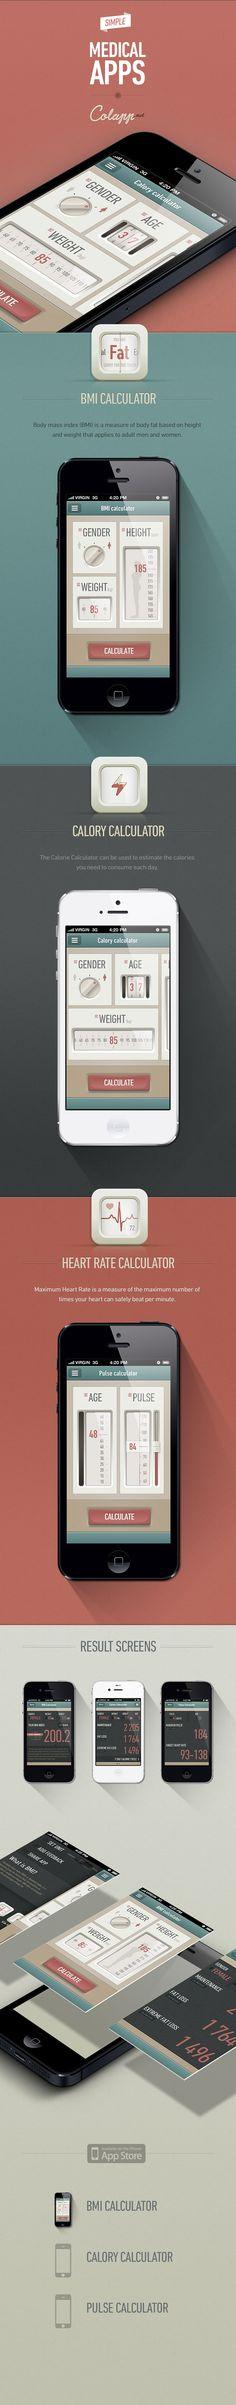 Medical Apps by Gábor Jutasi & Dániel Kövesházi - így kell kinézzen egy felhasználói felület! 10/10